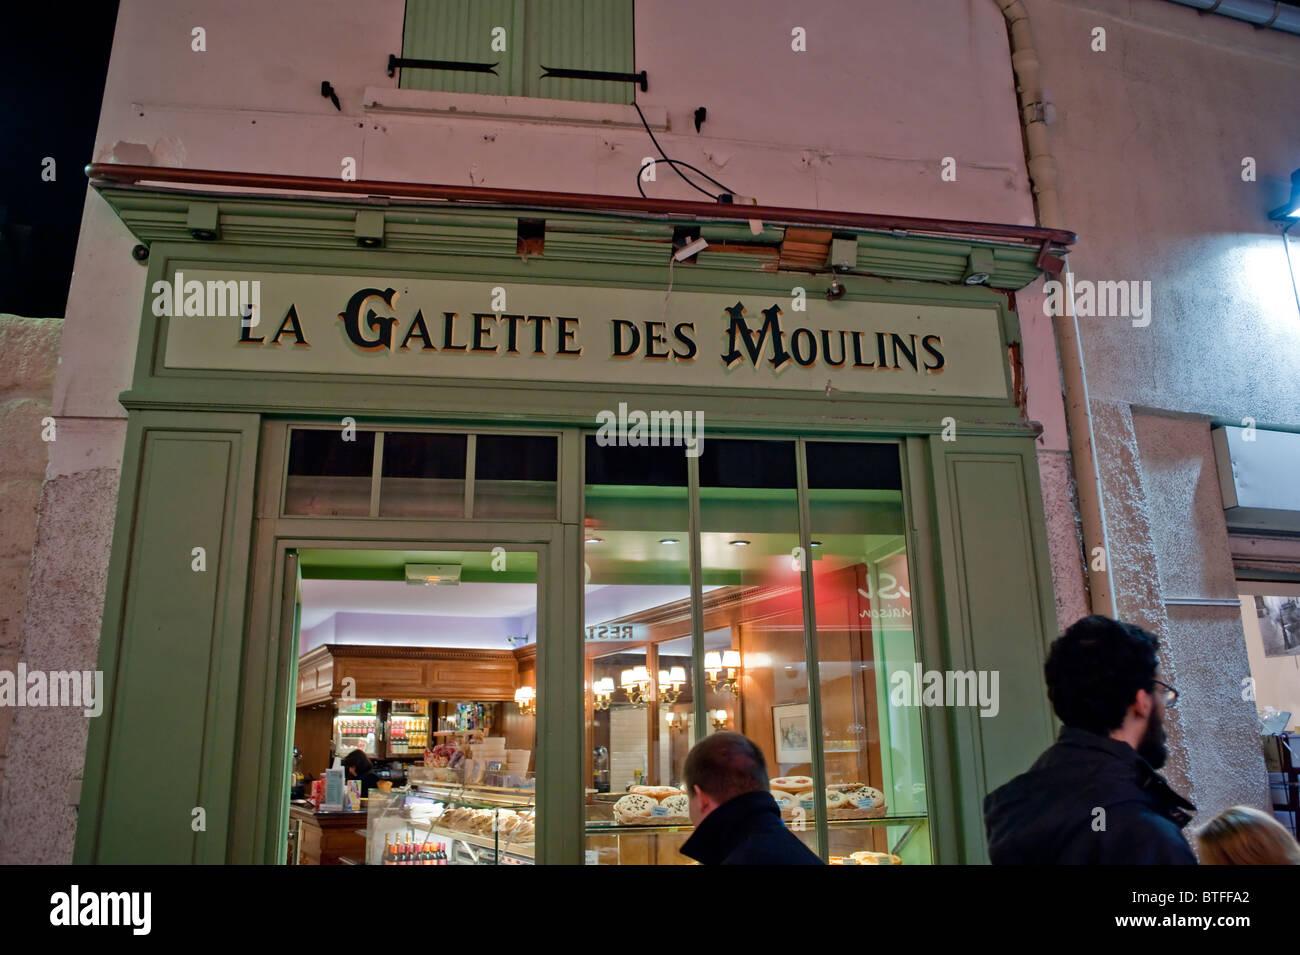 Paris, France, en Visite de Montmartre, vieux français Store Front, de nuit 'La Gallette des Mouilins' sign Banque D'Images